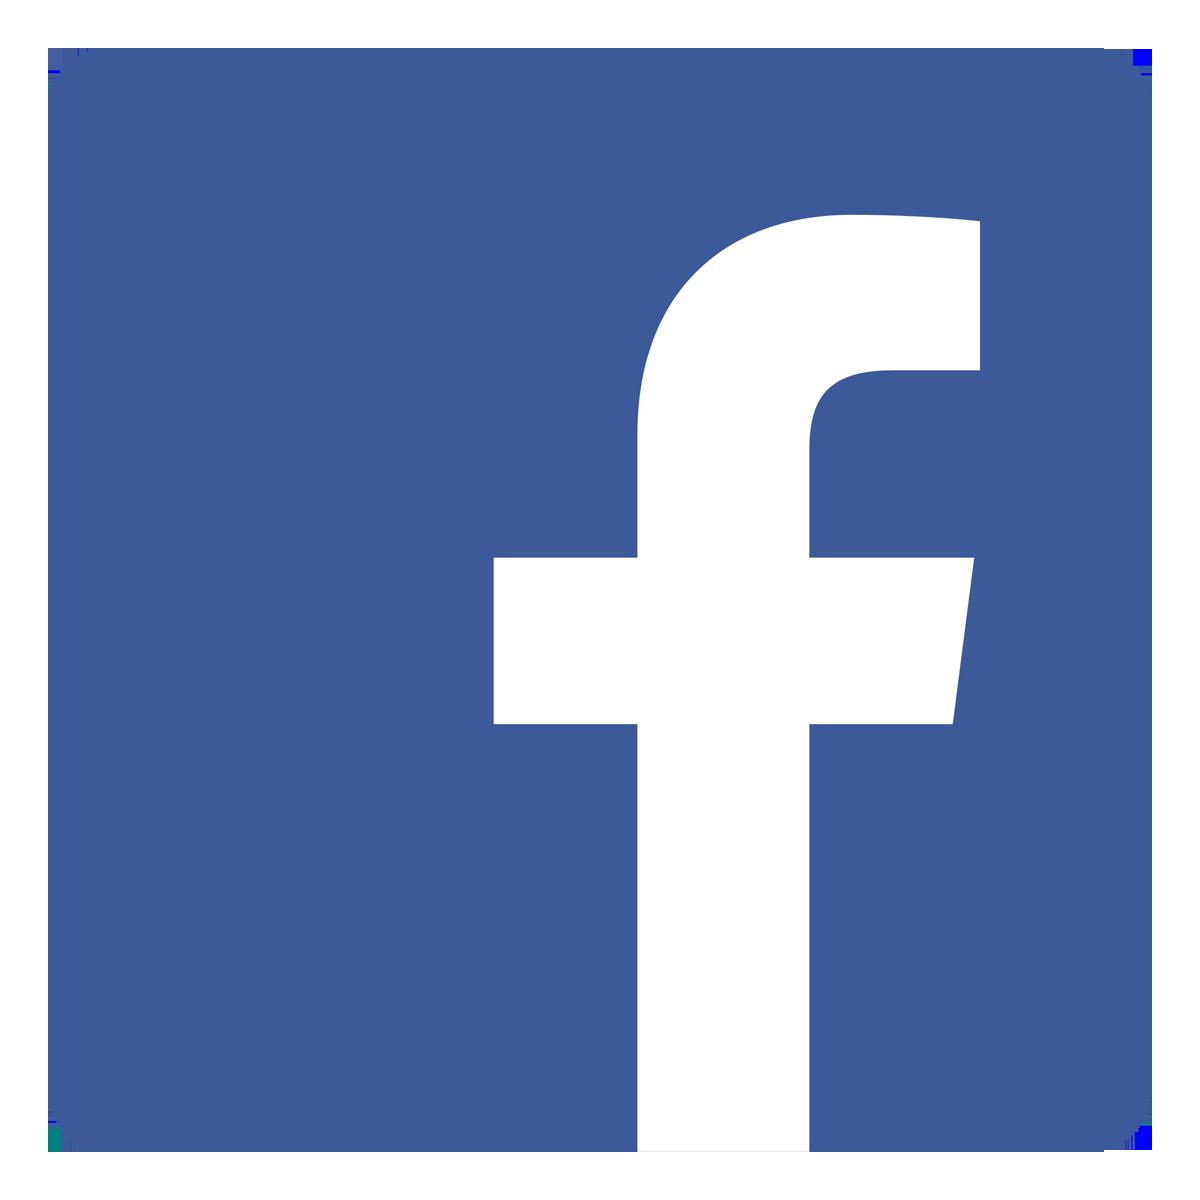 Facebook wie o tobie wiele, czyli bój siê, oj bój siê